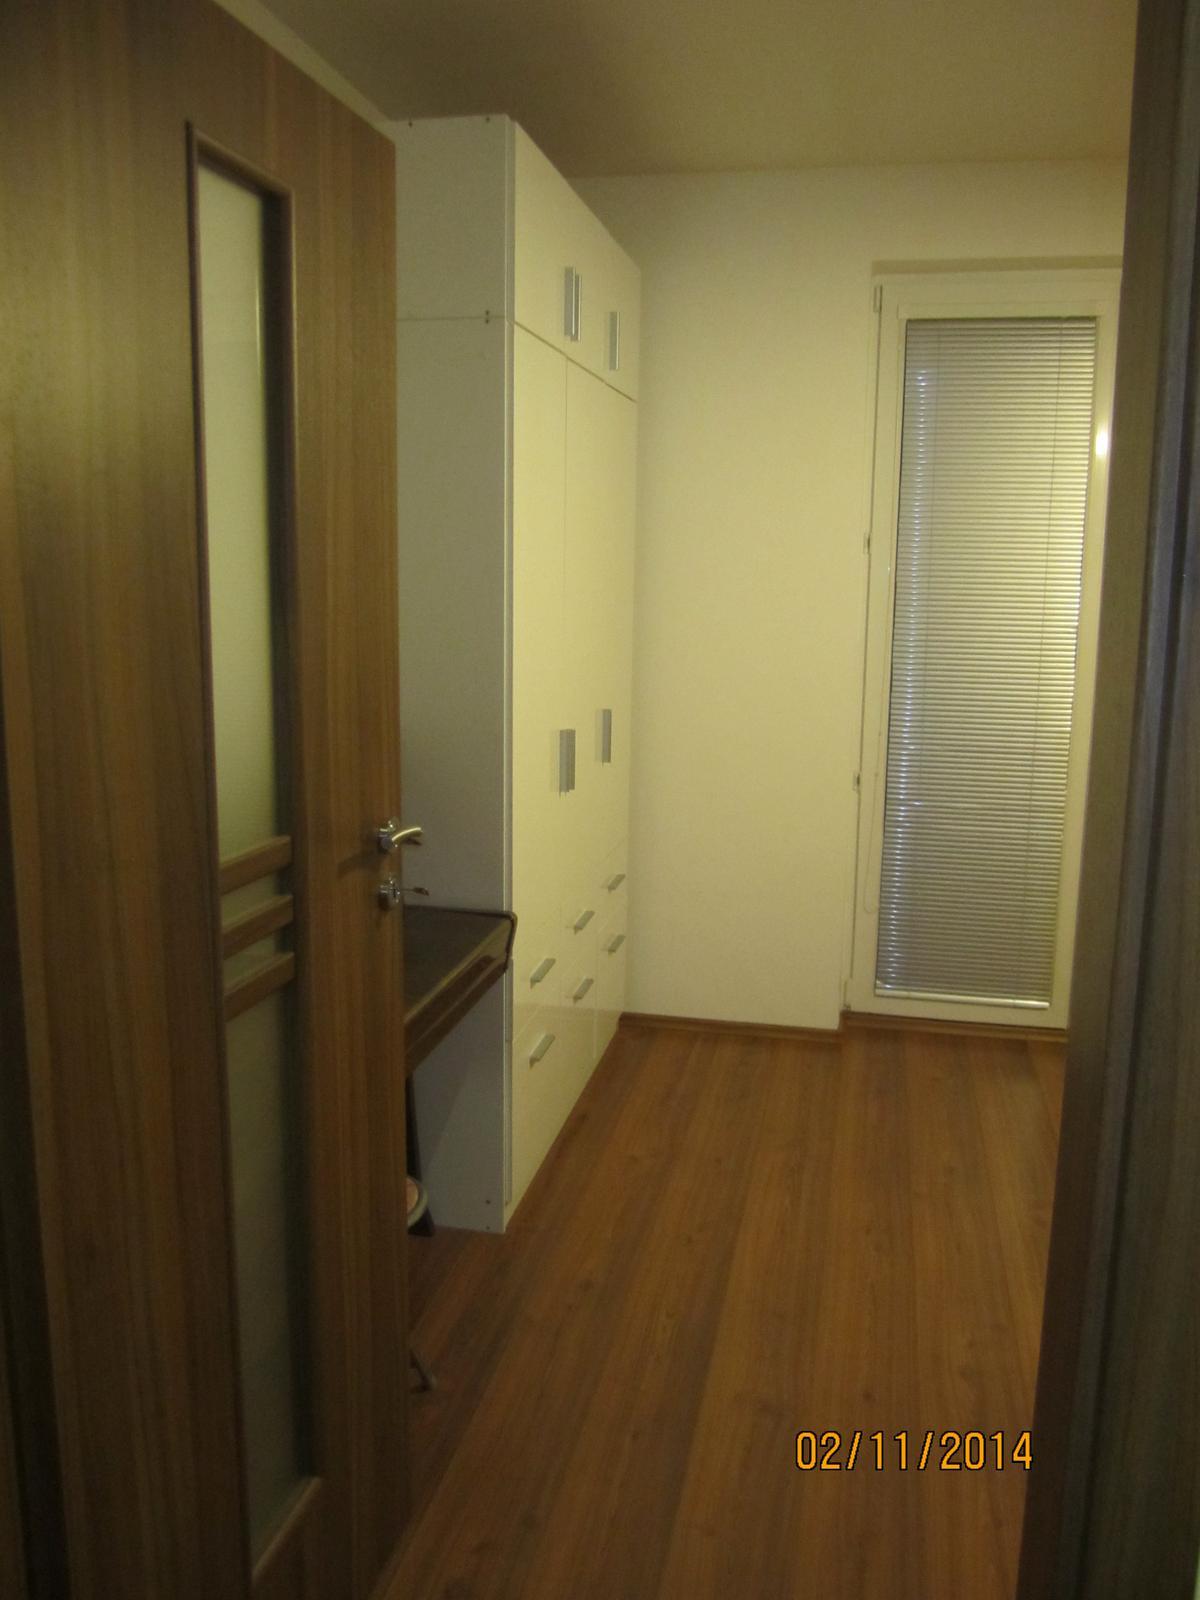 Projekt hostovska  nakoniec detska :-D - pohlad od vchododvych dveri izby... je vecer, umele svetlo posobi trochu smutne na fotkach... chybaju  zavesy, tapeta atd.... aby sa to zutulnilo